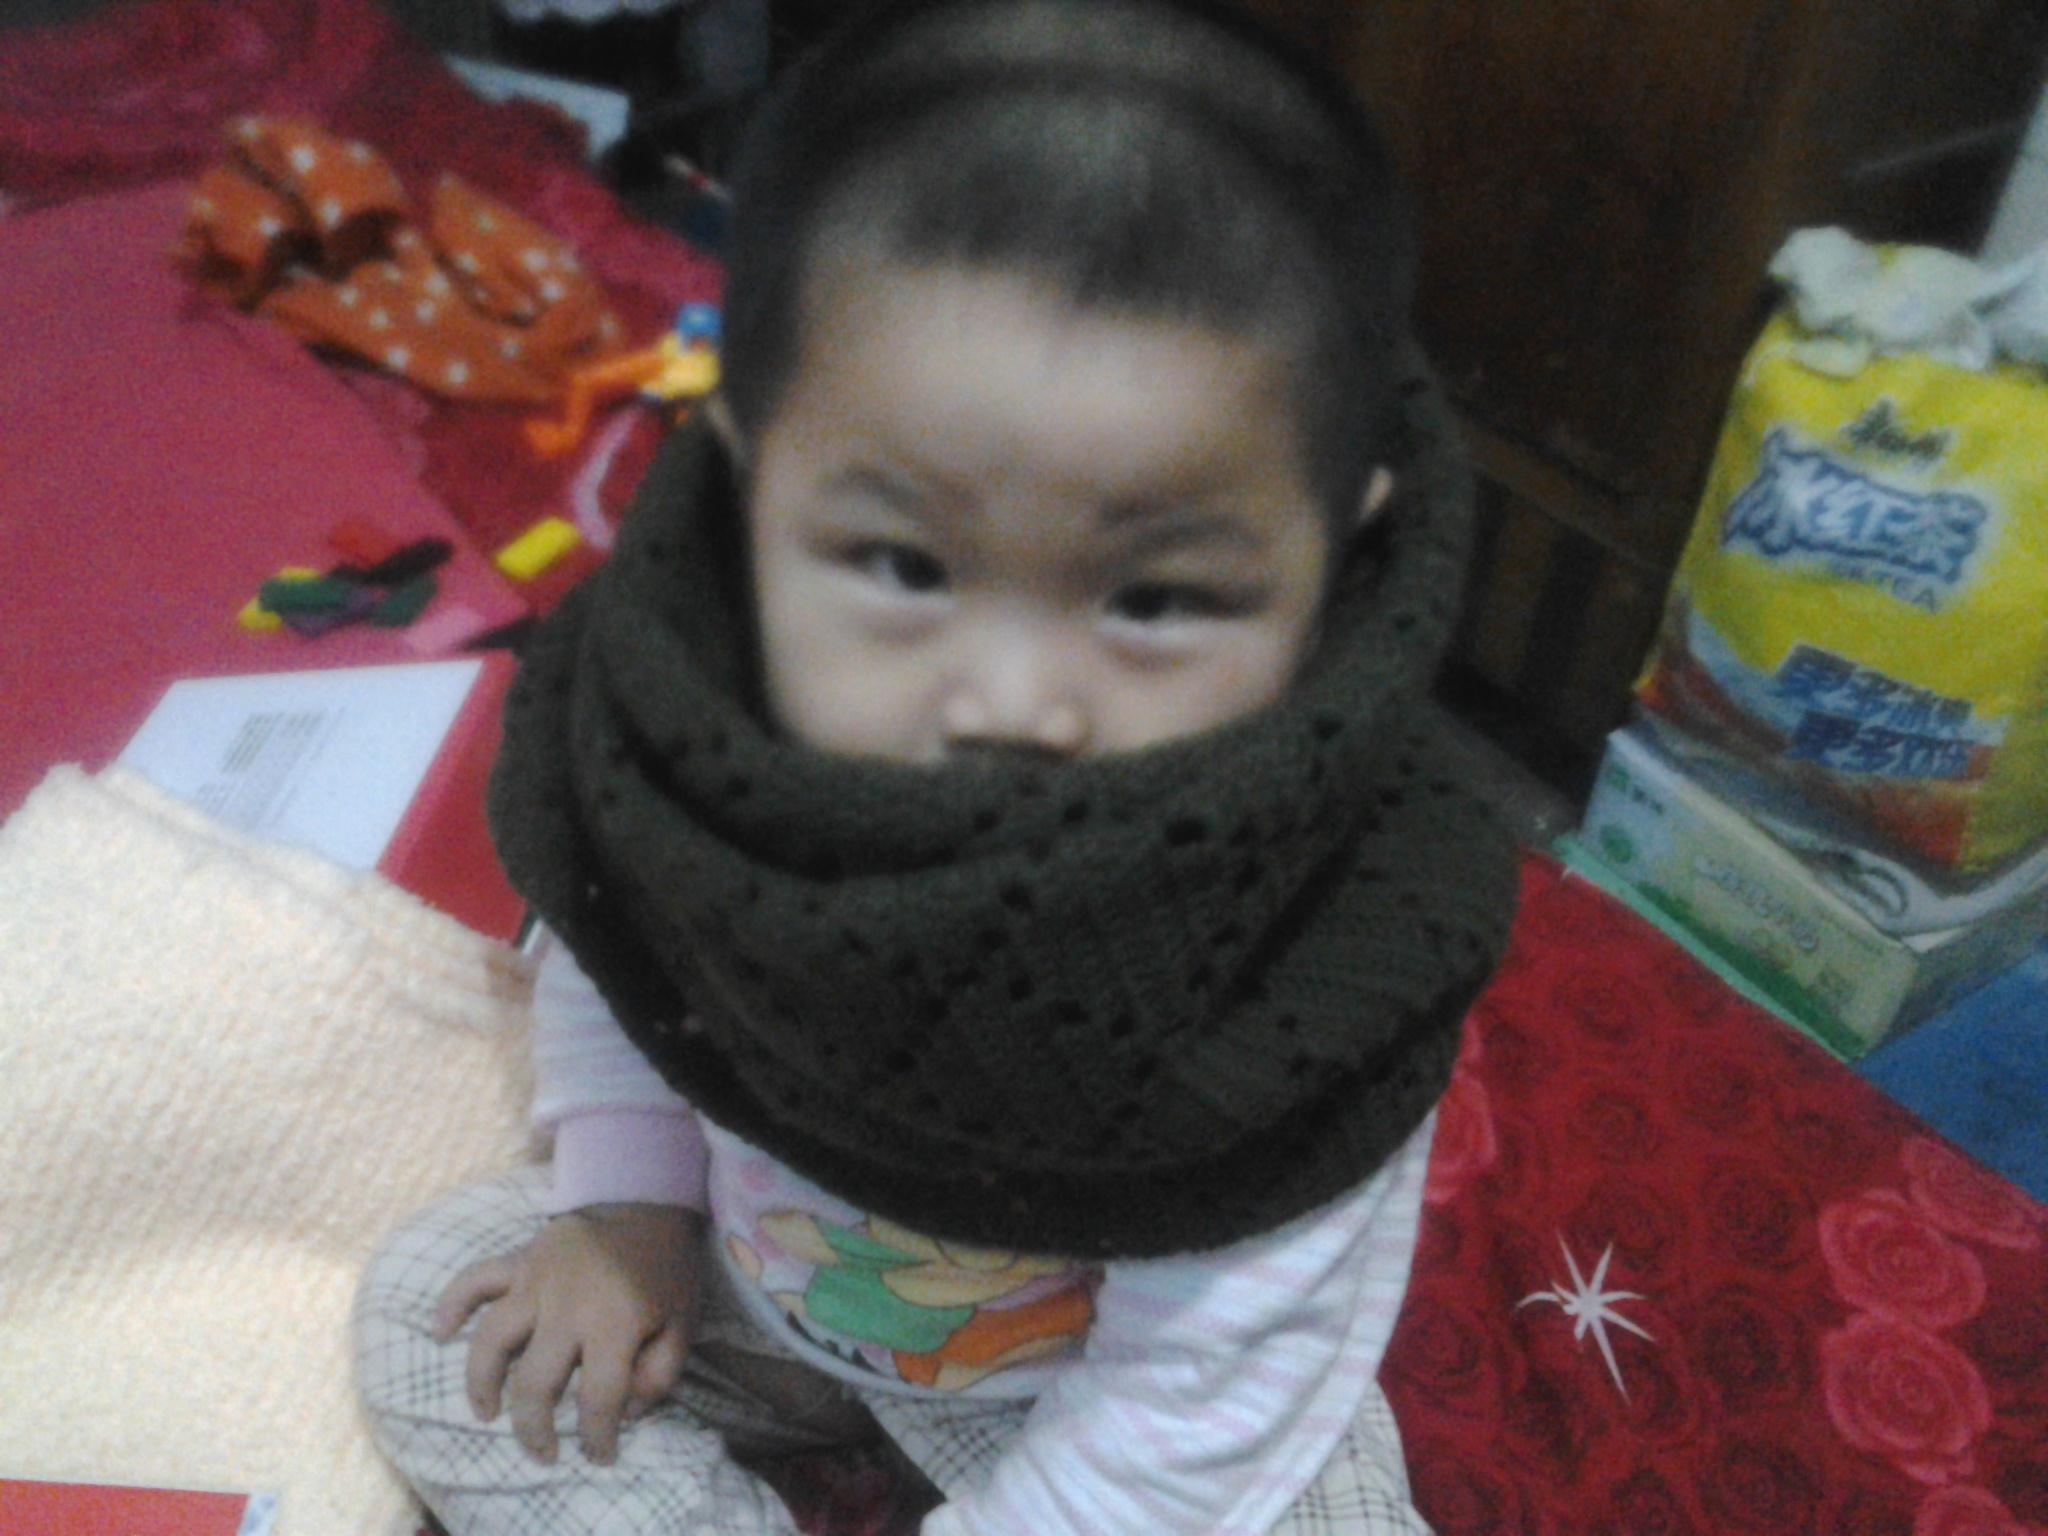 这是给老公钩的围巾,老公不在家 只好让宝贝给做模特乐